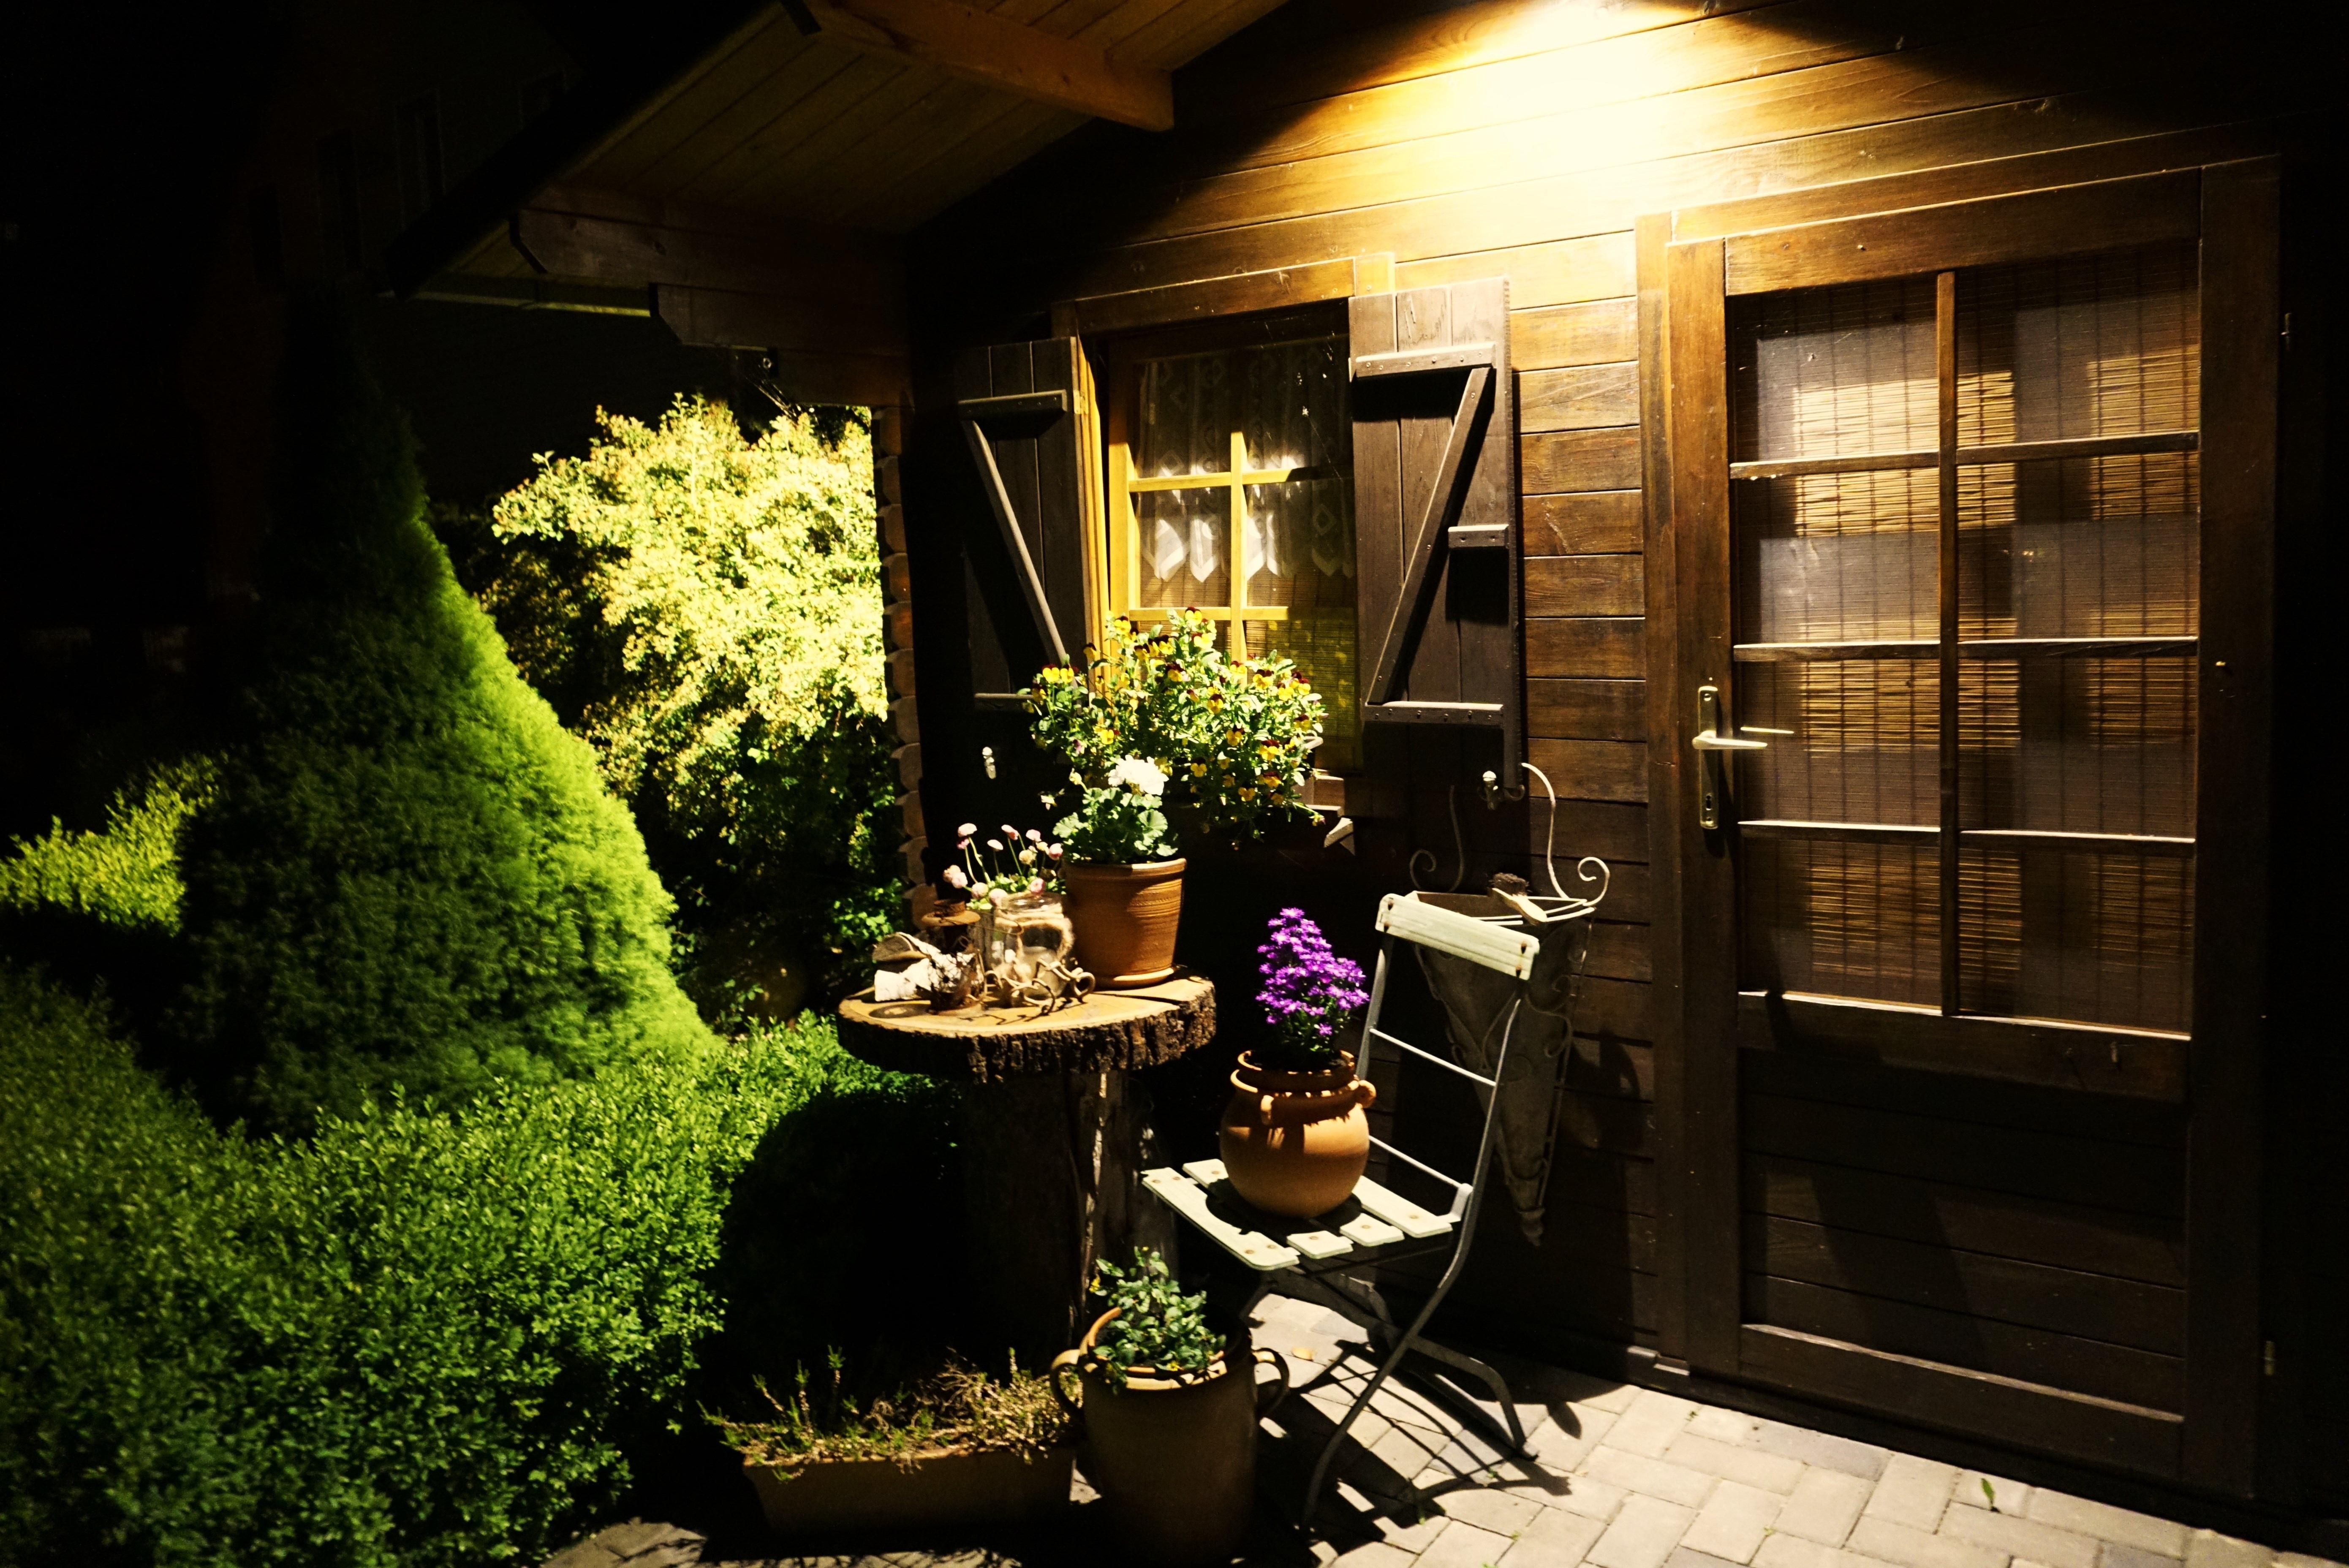 Images Gratuites : Manoir, maison, chaise, vacances, cabane ...